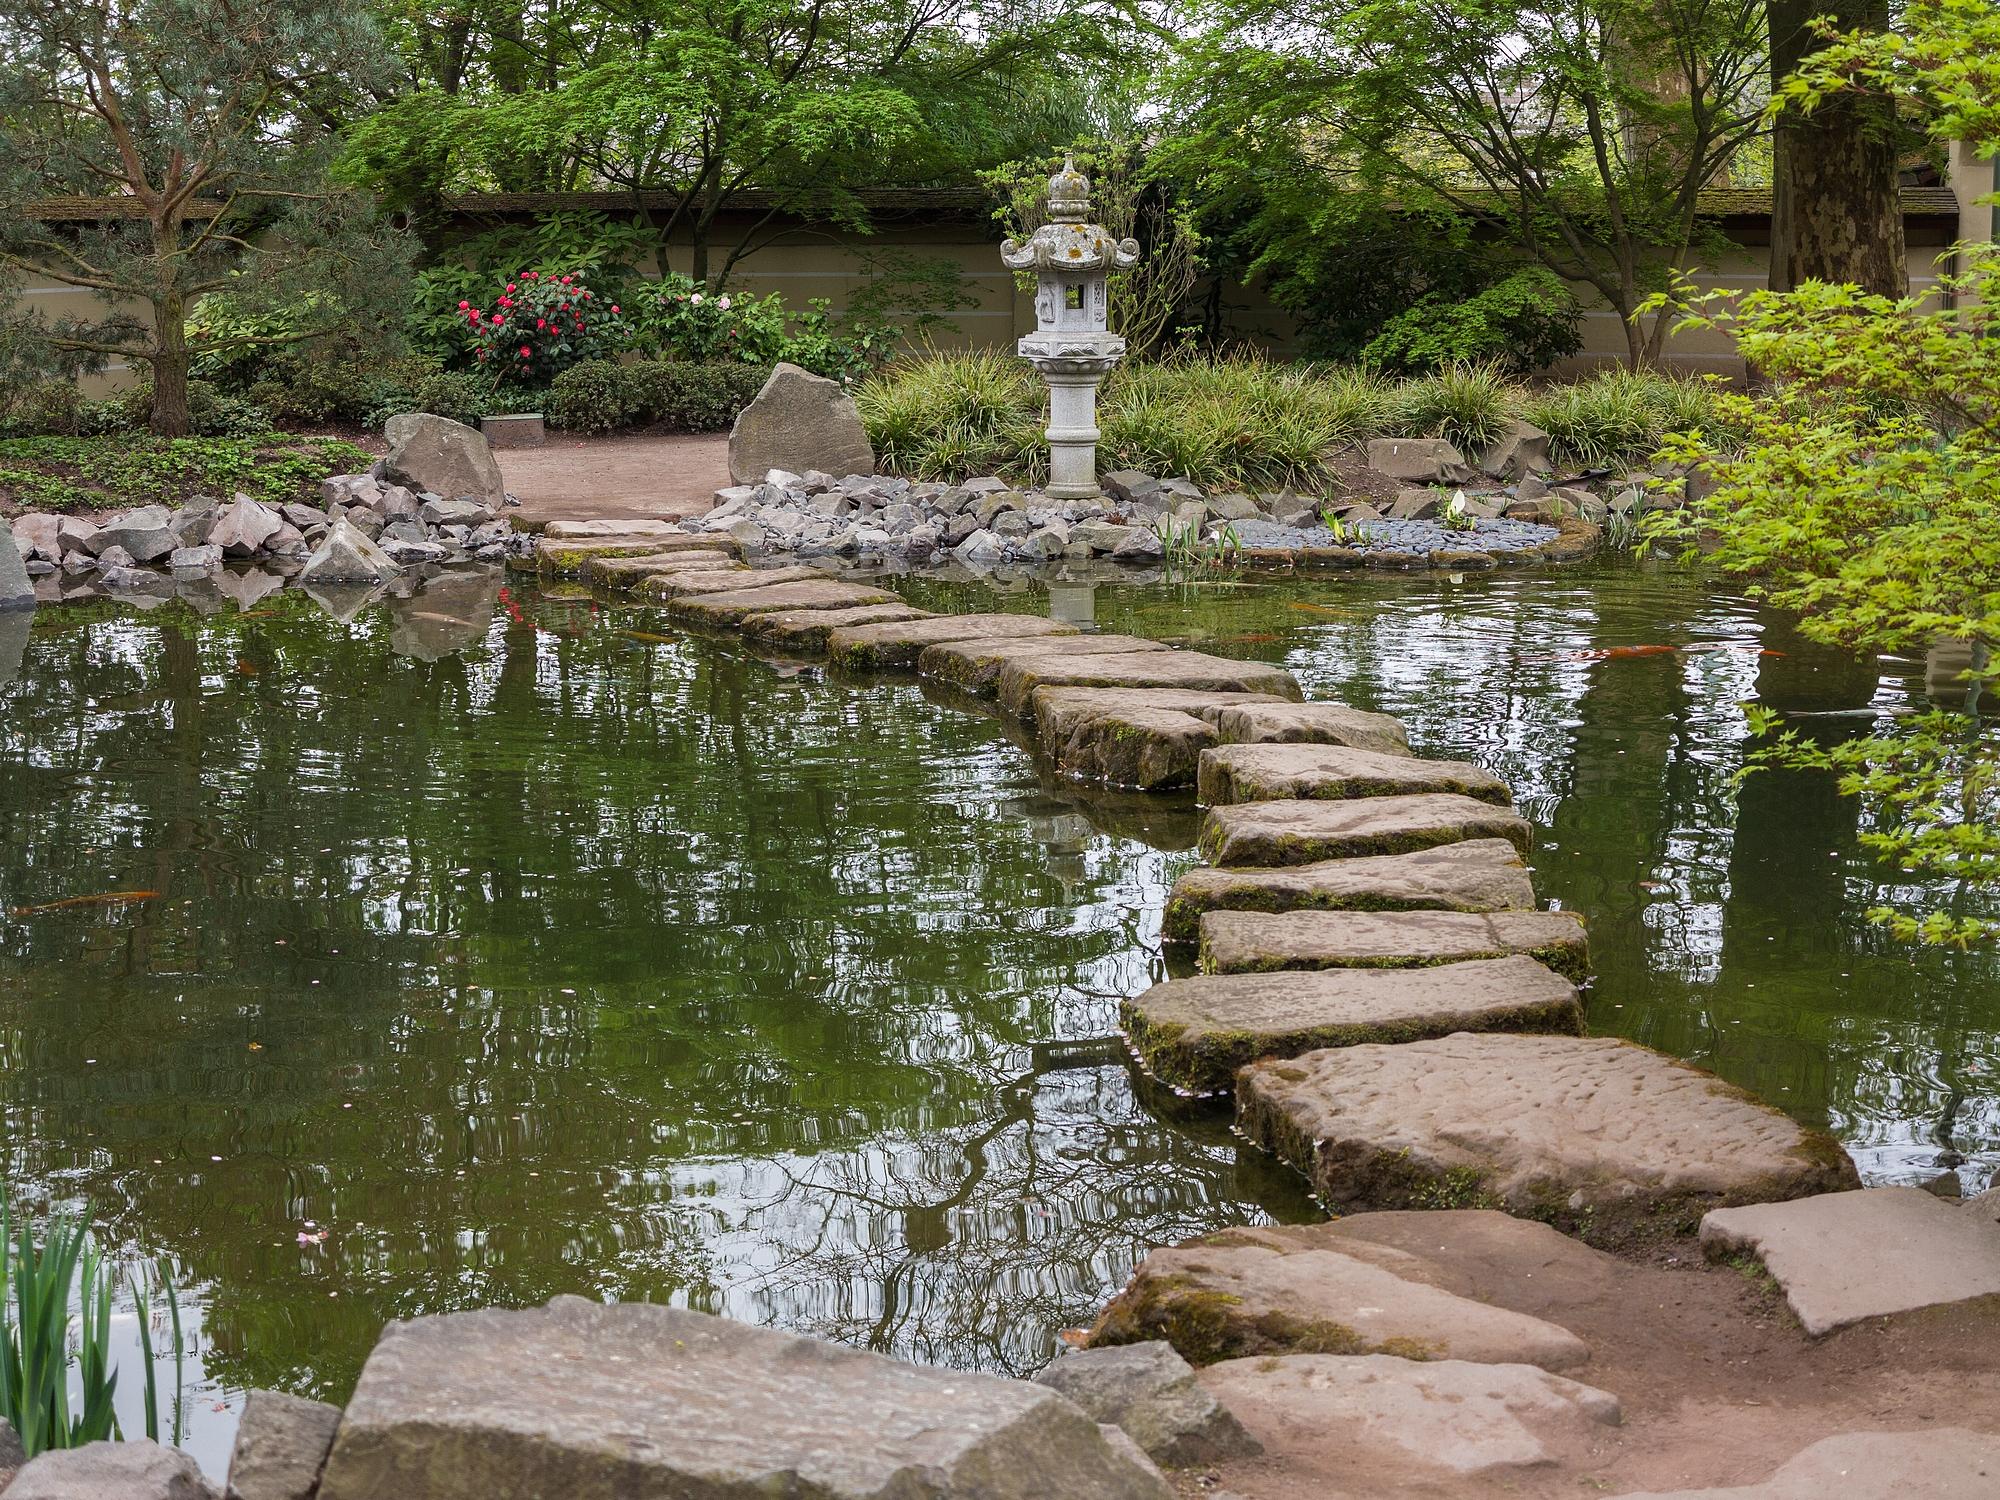 Trittsteine Garten Explore Hashtag Trittsteine Instagram Photos